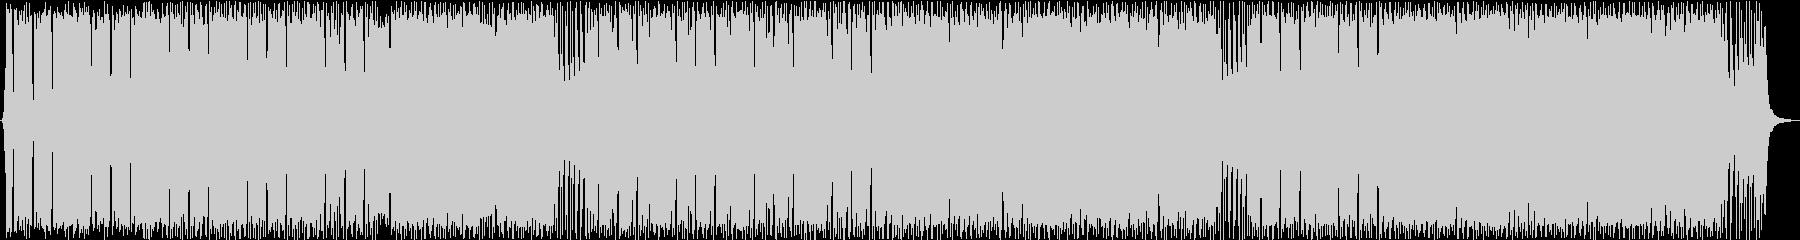 インディーロック 積極的 焦り 燃...の未再生の波形